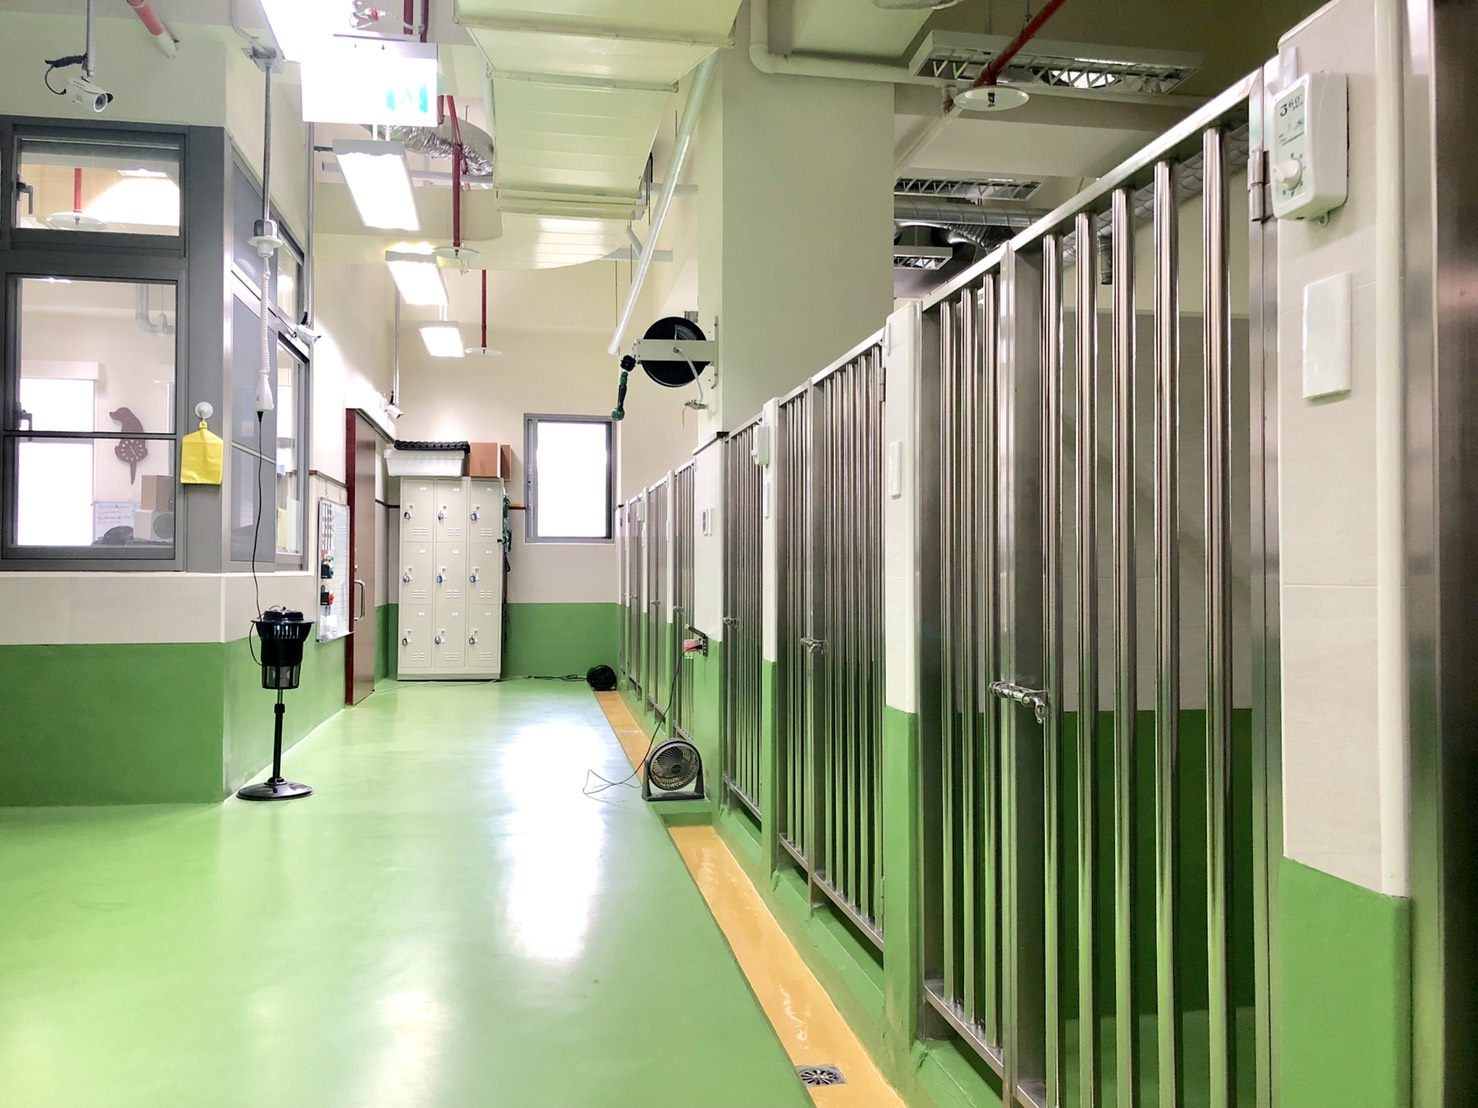 犬舍  有洗澡間、飼料間、醫務辦公室。與狗狗們休息的宿舍區!